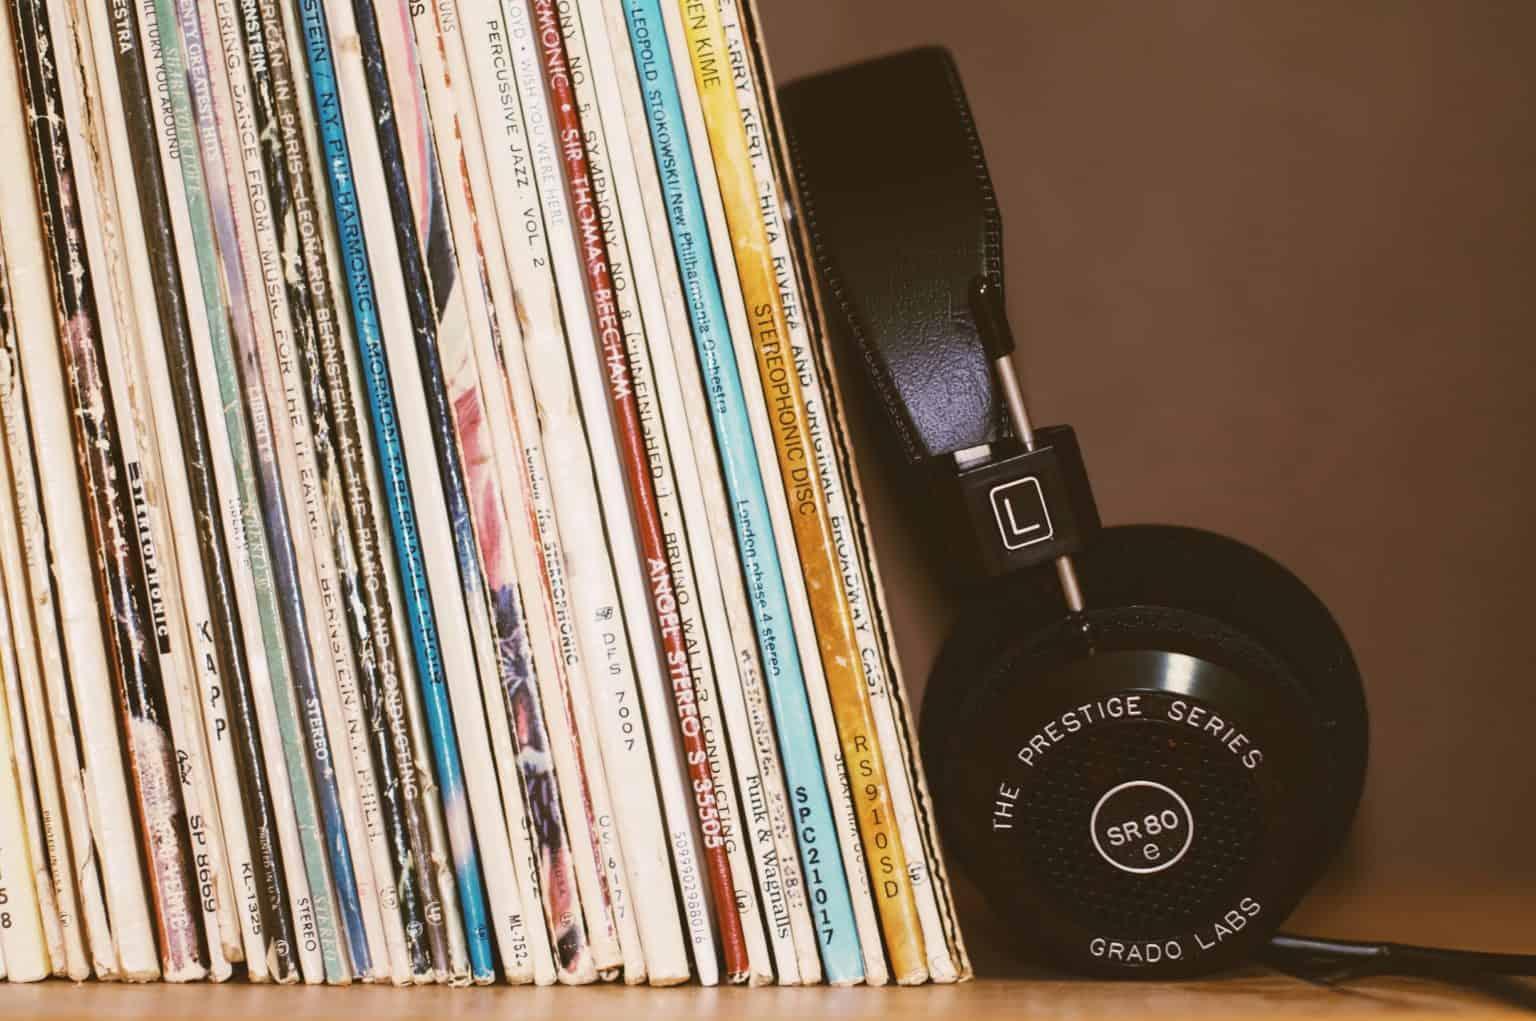 嘀嗒营销活动音乐行业